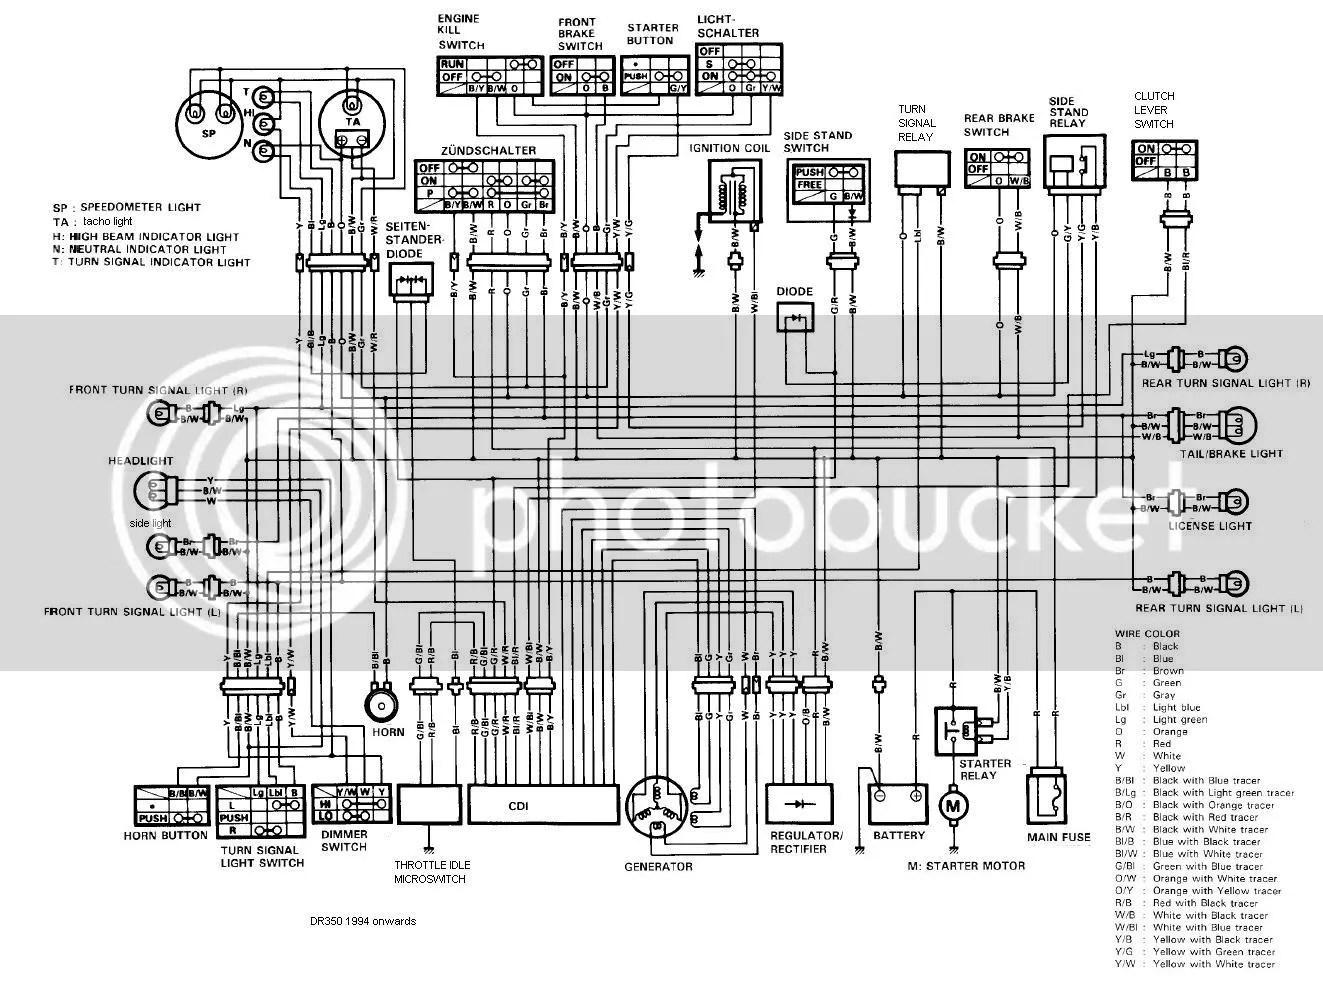 1994 Dr350 Wiring Diagram - Schema Diagram Data on